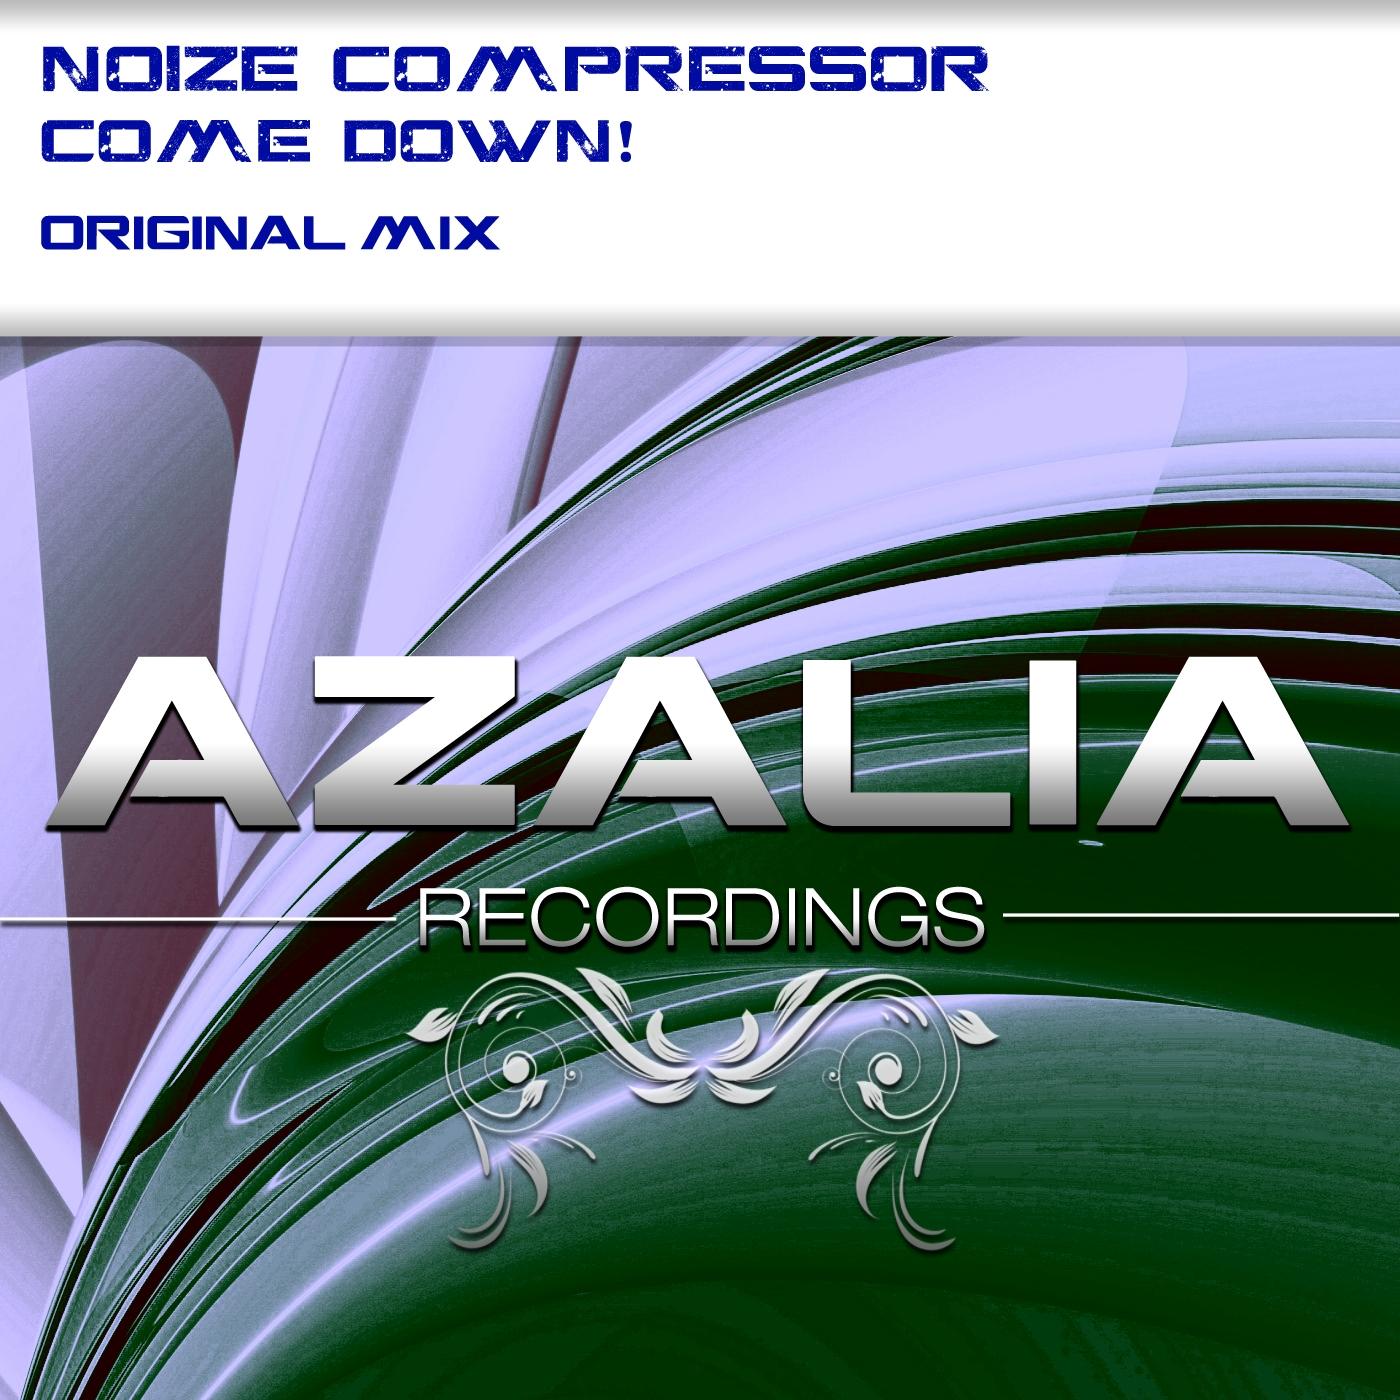 Noize Compressor - Come Down! (Original Mix)